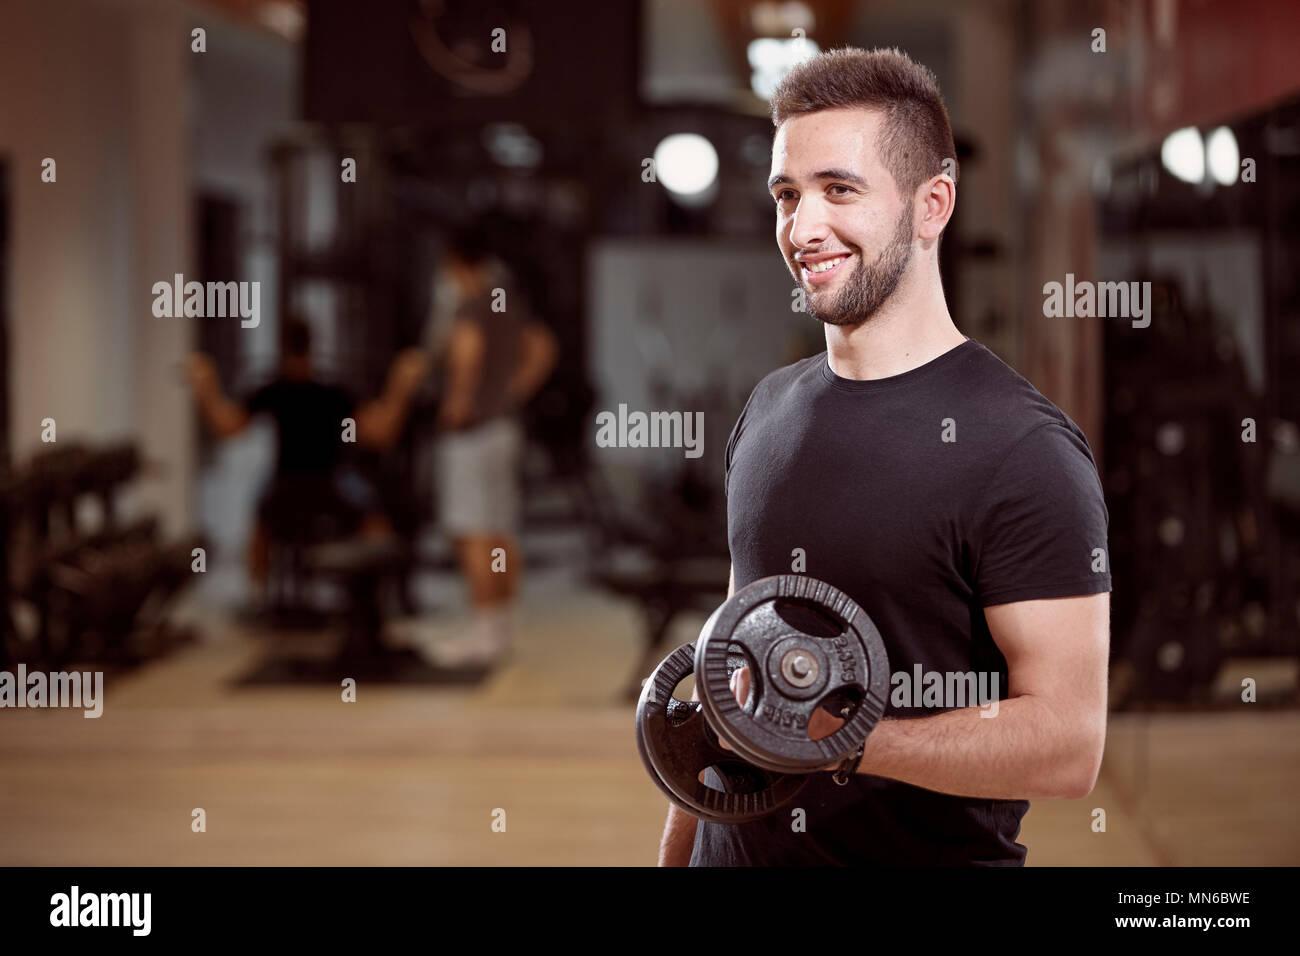 Un giovane uomo, media ordinaria cercando un braccio dumbell esercizio, sorridente, in palestra. Irriconoscibile gruppo di persone dietro a. Immagini Stock